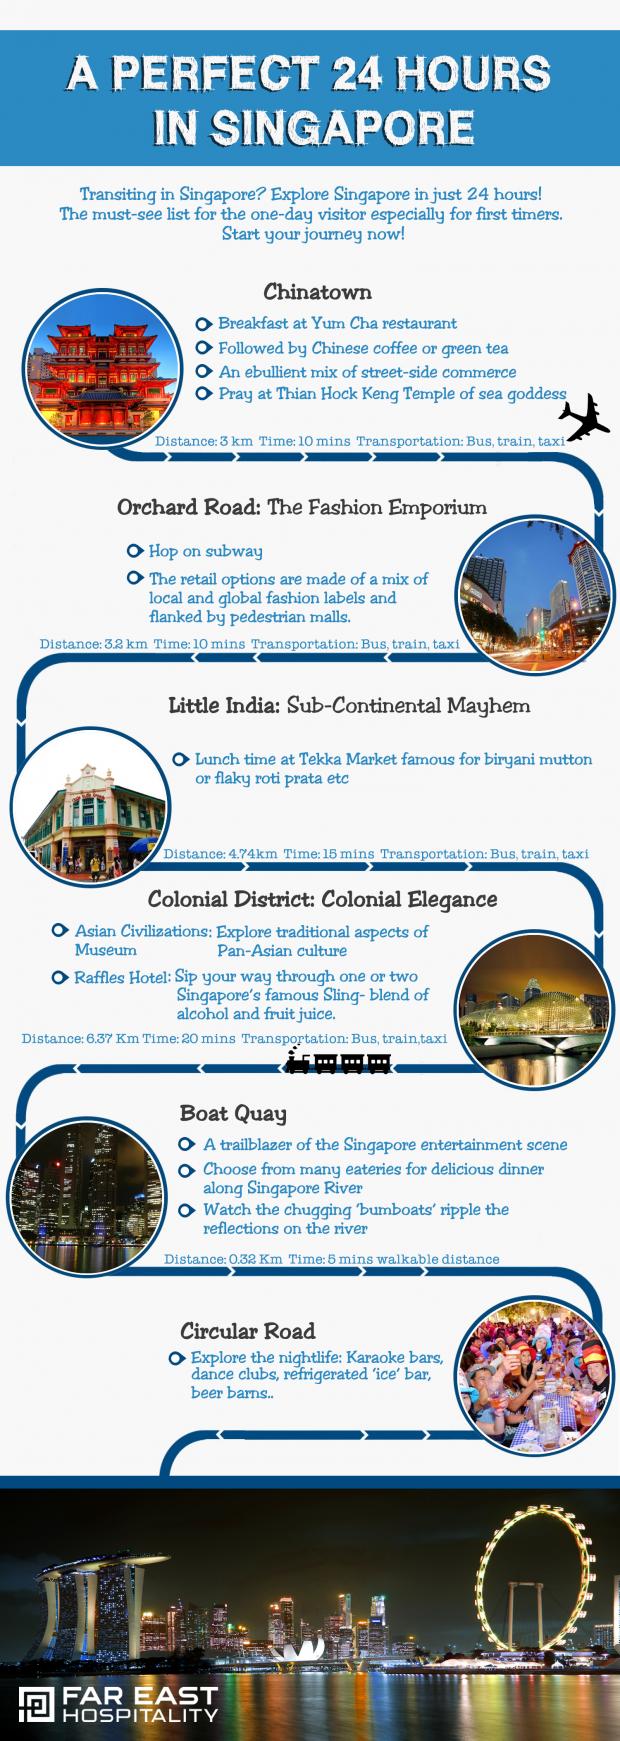 Explore Singapore in 24 hours - AspirantSG